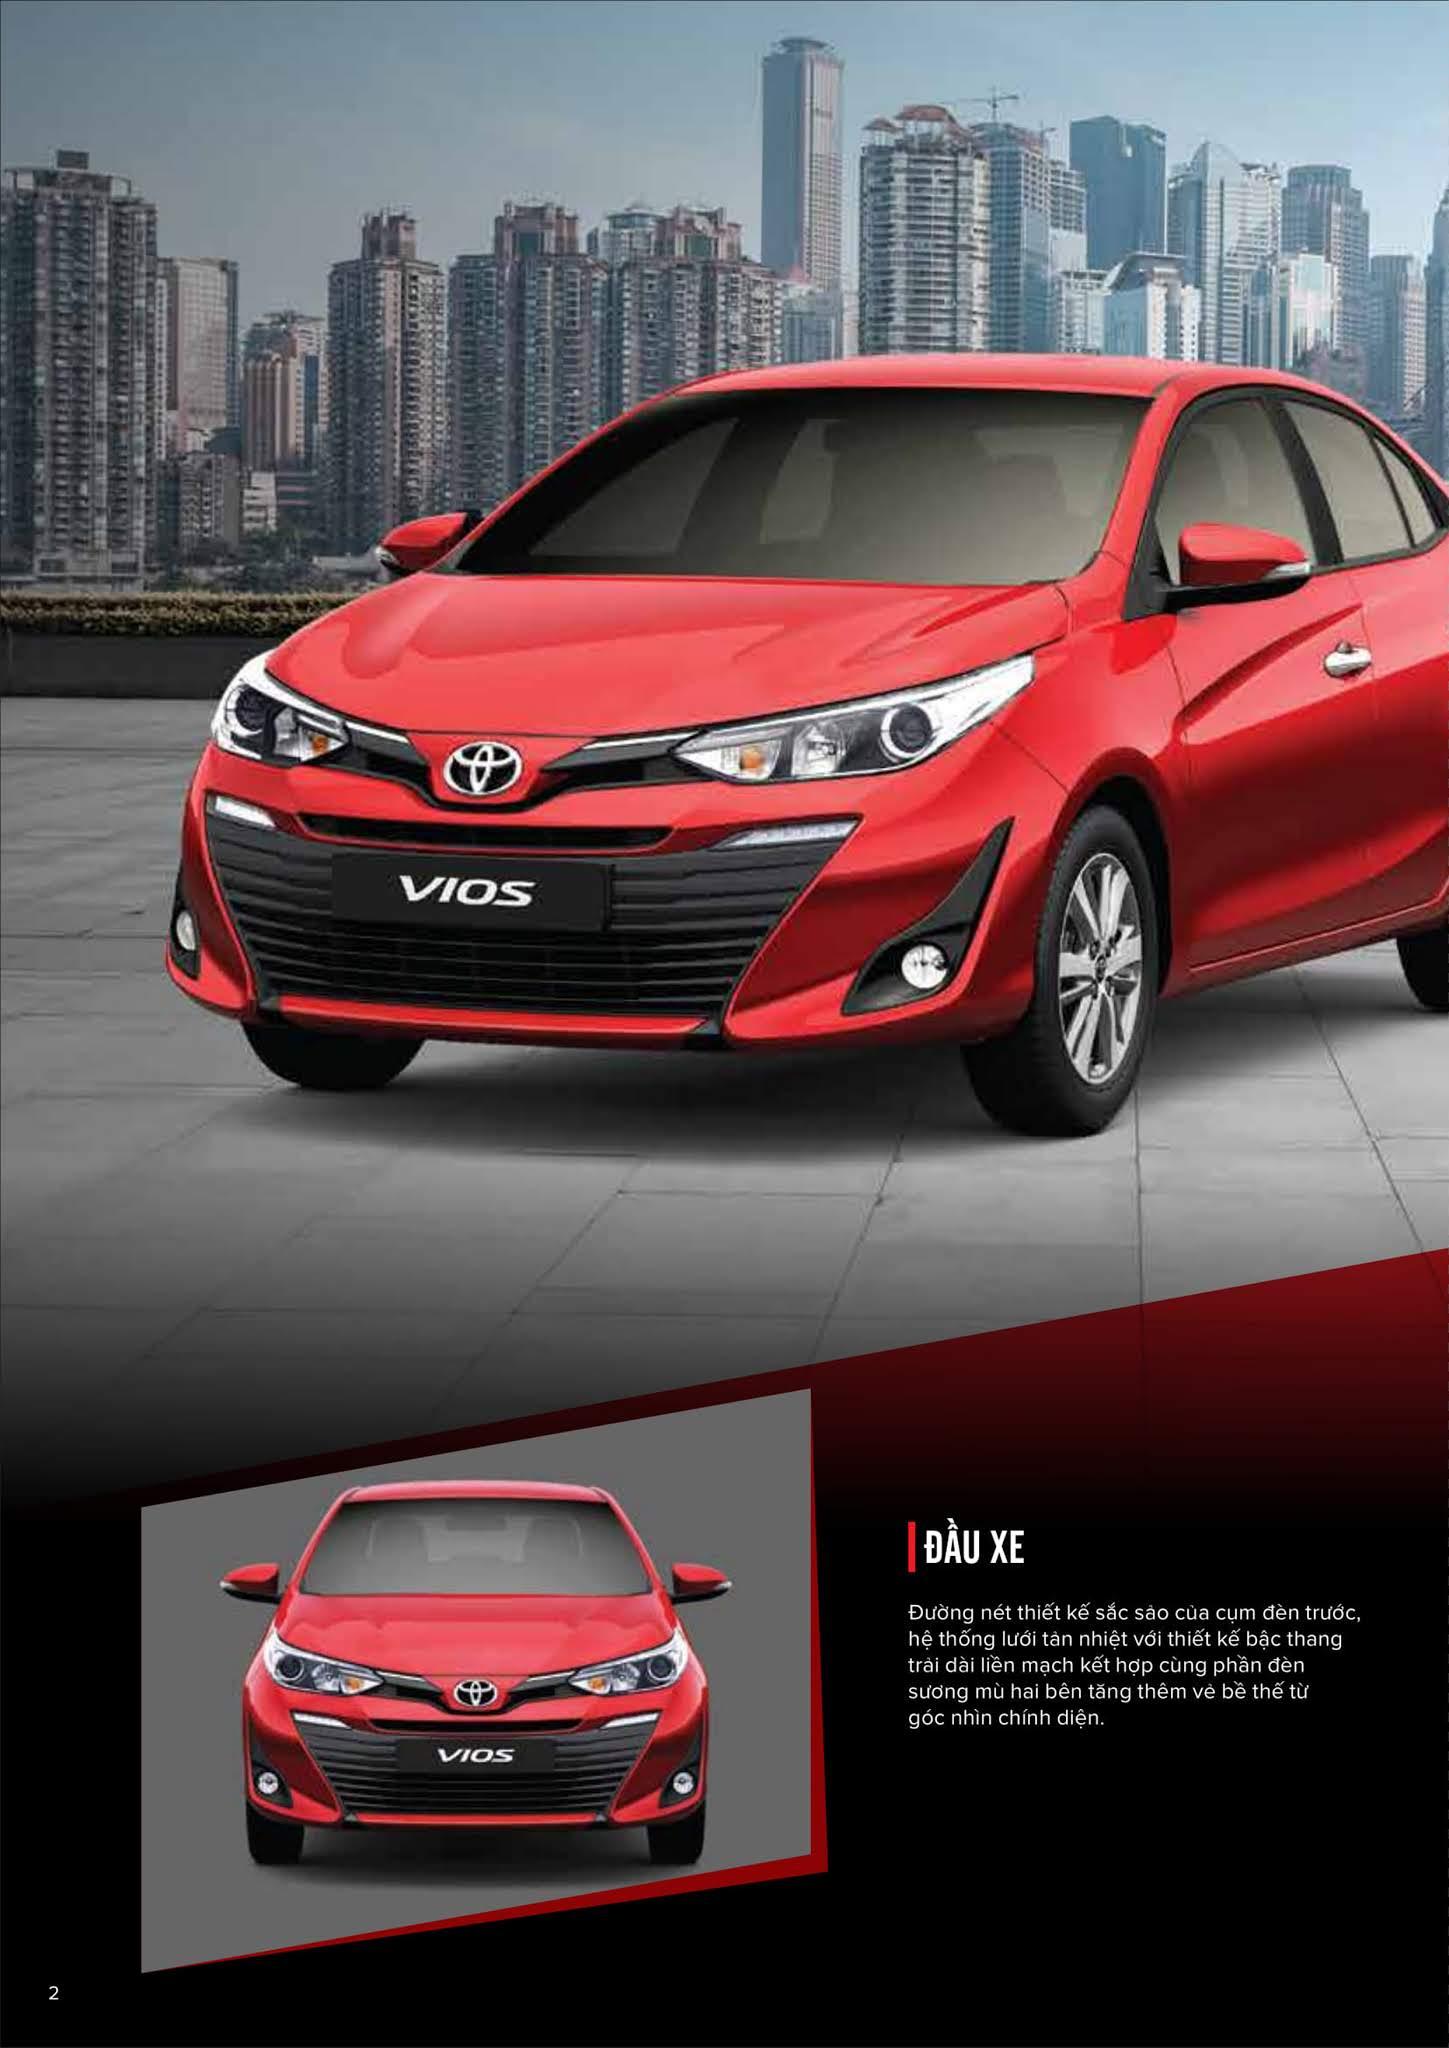 Bảng thông số kỹ thuật Toyota Vios 1.5G CVT 2019